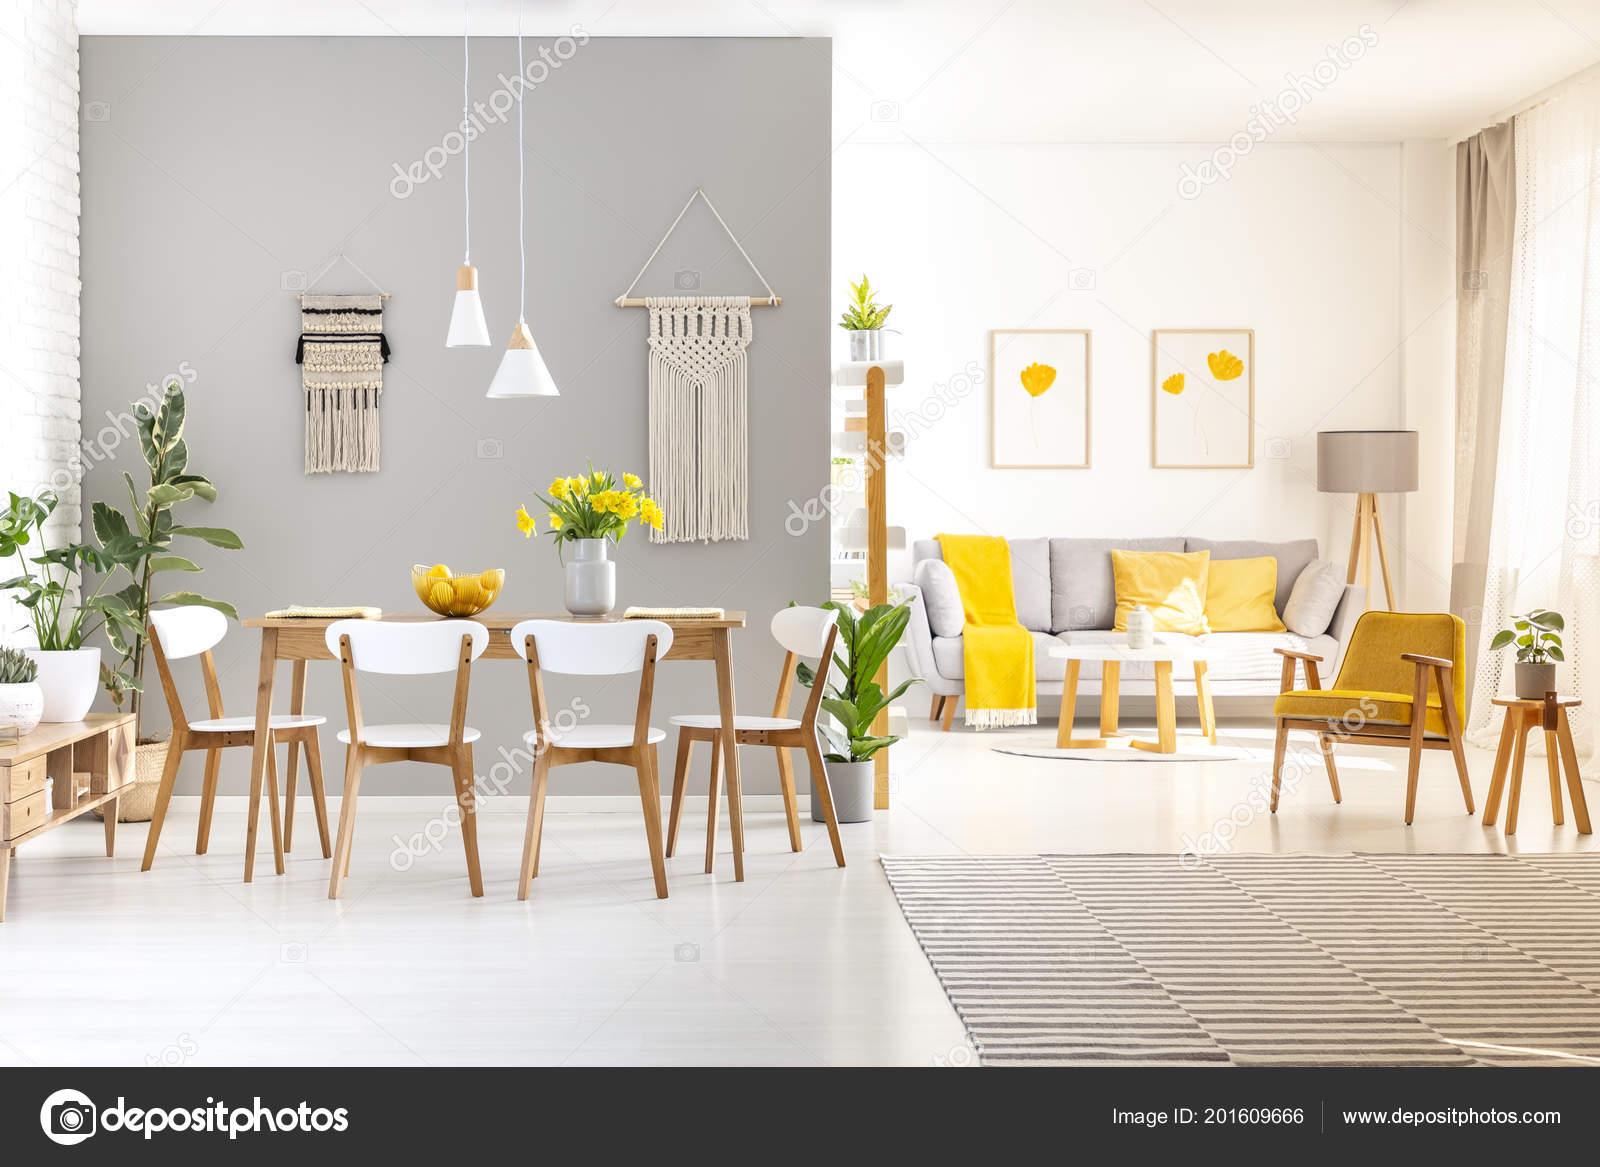 Houten Witte Stoelen.Witte Stoelen Houten Eettafel Helder Appartement Interieur Met Gele